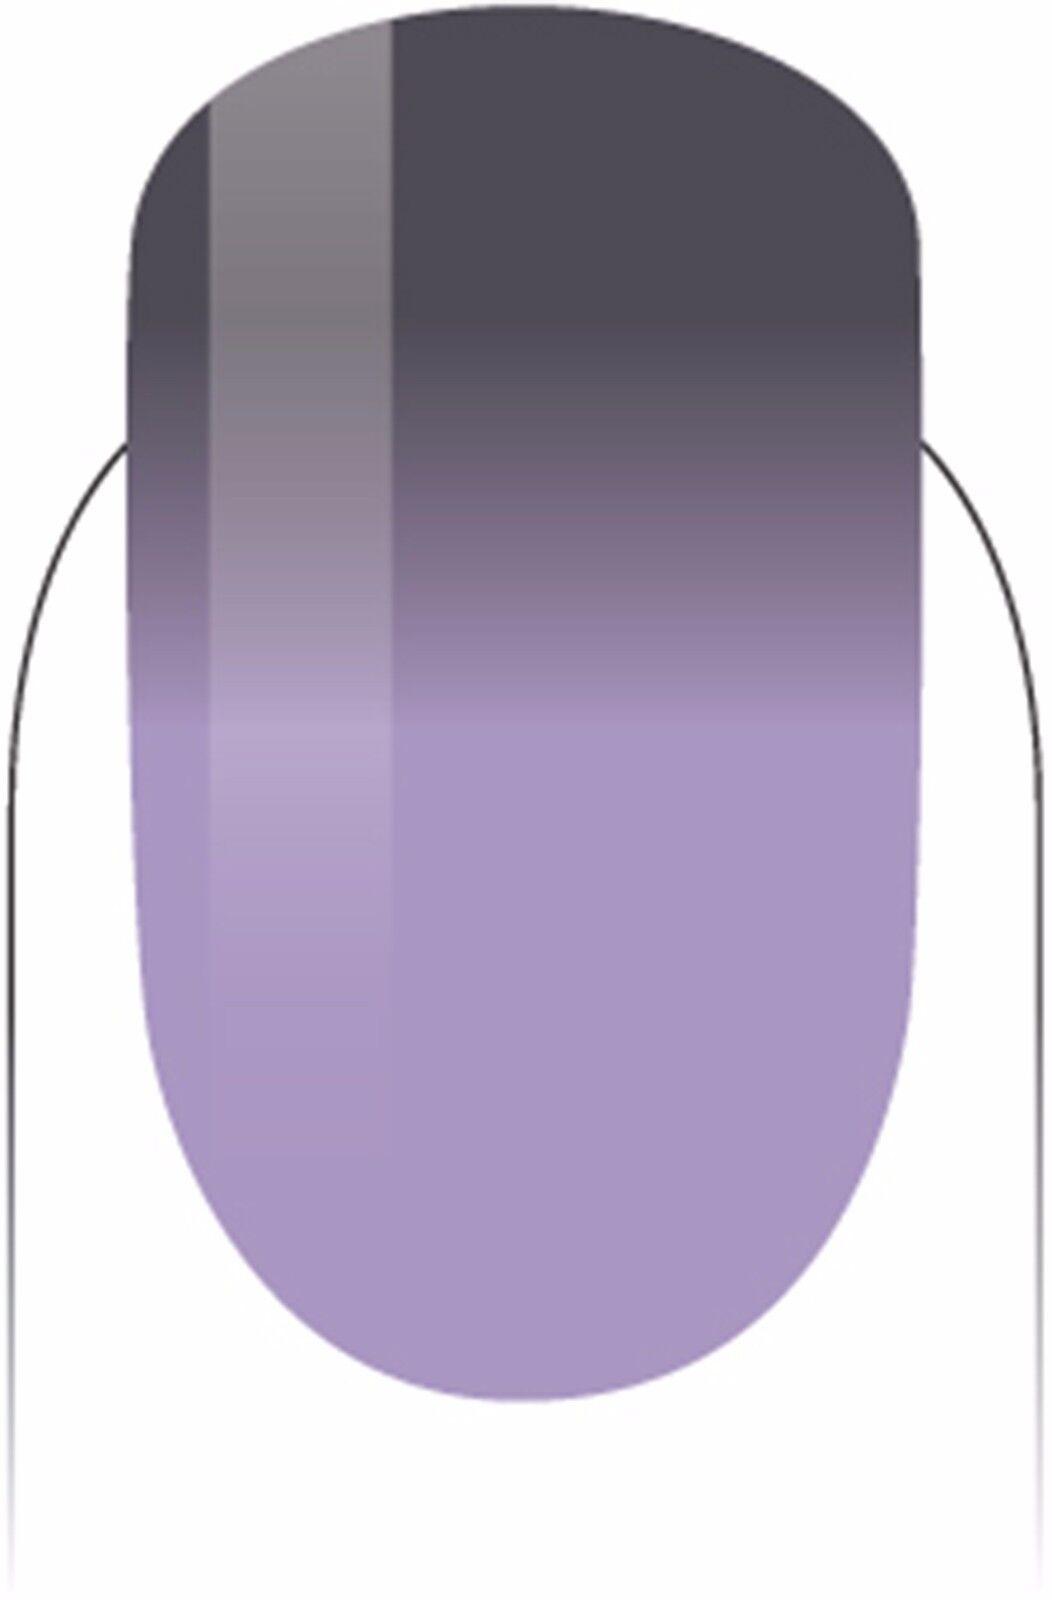 Rouge dailymall 20pcs Tresses M/èches Lumineux LED Cheveux pour F/ête LED Lumineux Jouets Color/é Clignotant Jouet Fournitures de F/ête